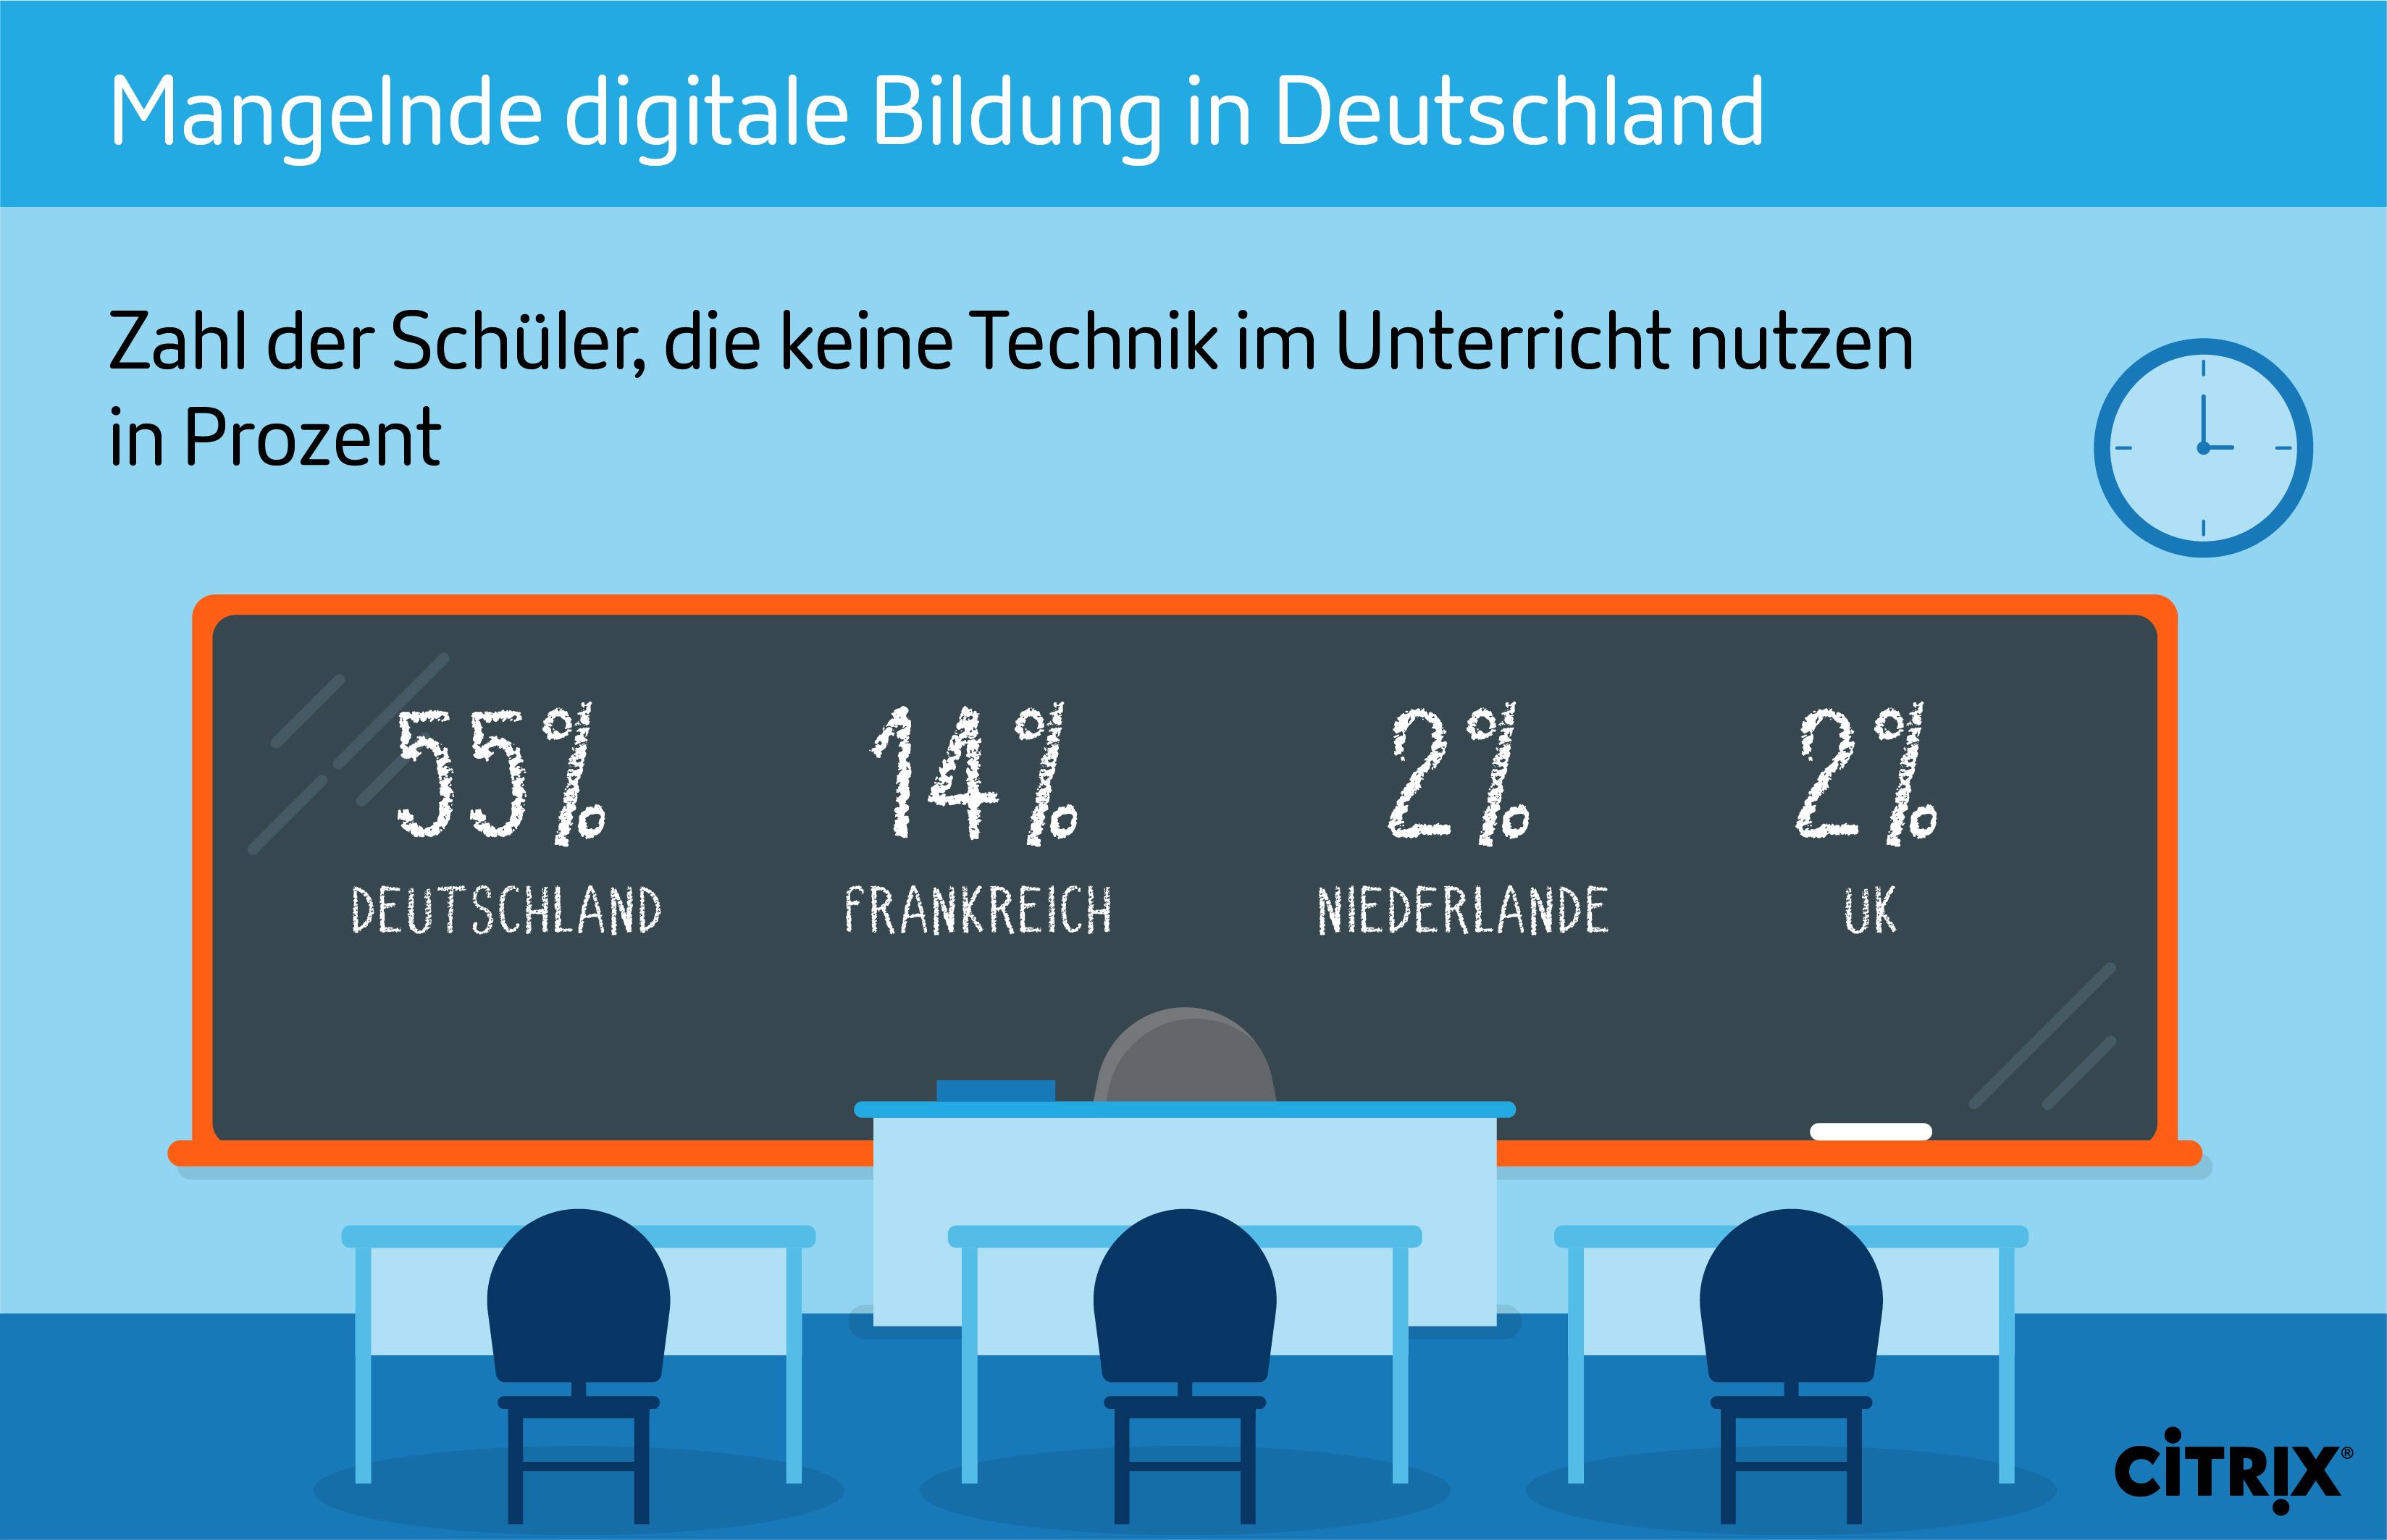 Citrix SoMeVisual DigitalEducation KeineTechnik 01 - Gehen das Kompetenzgerangel zwischen Bund und Ländern und die Diskussionen um Milliardenbeträge an der Realität vorbei?